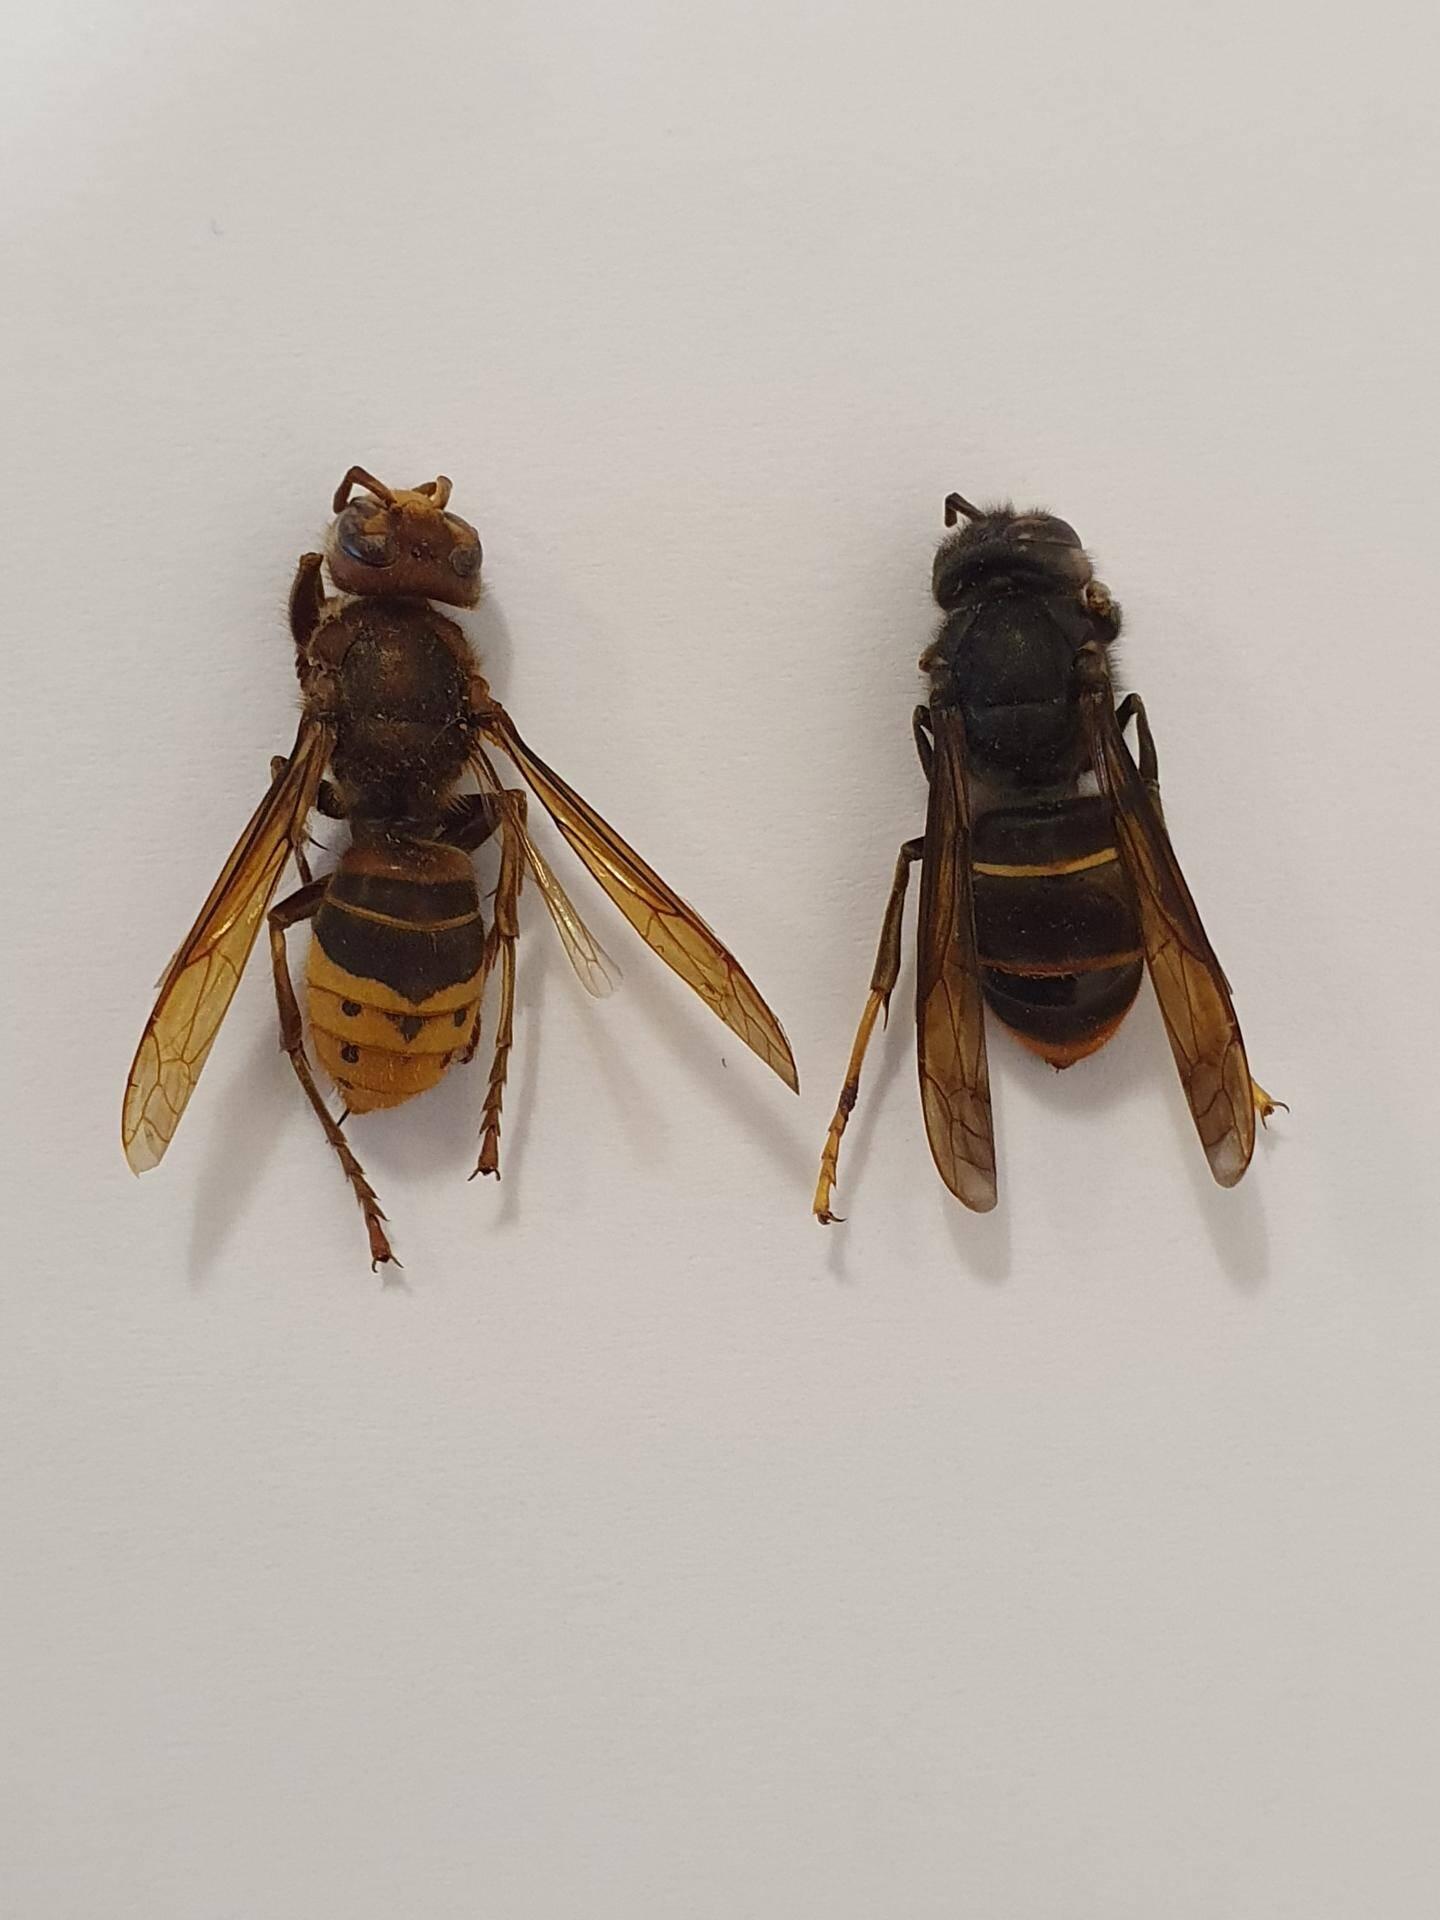 Un frelon européen (abdomen jaune) et un frelon asiatique (abdomen noir).